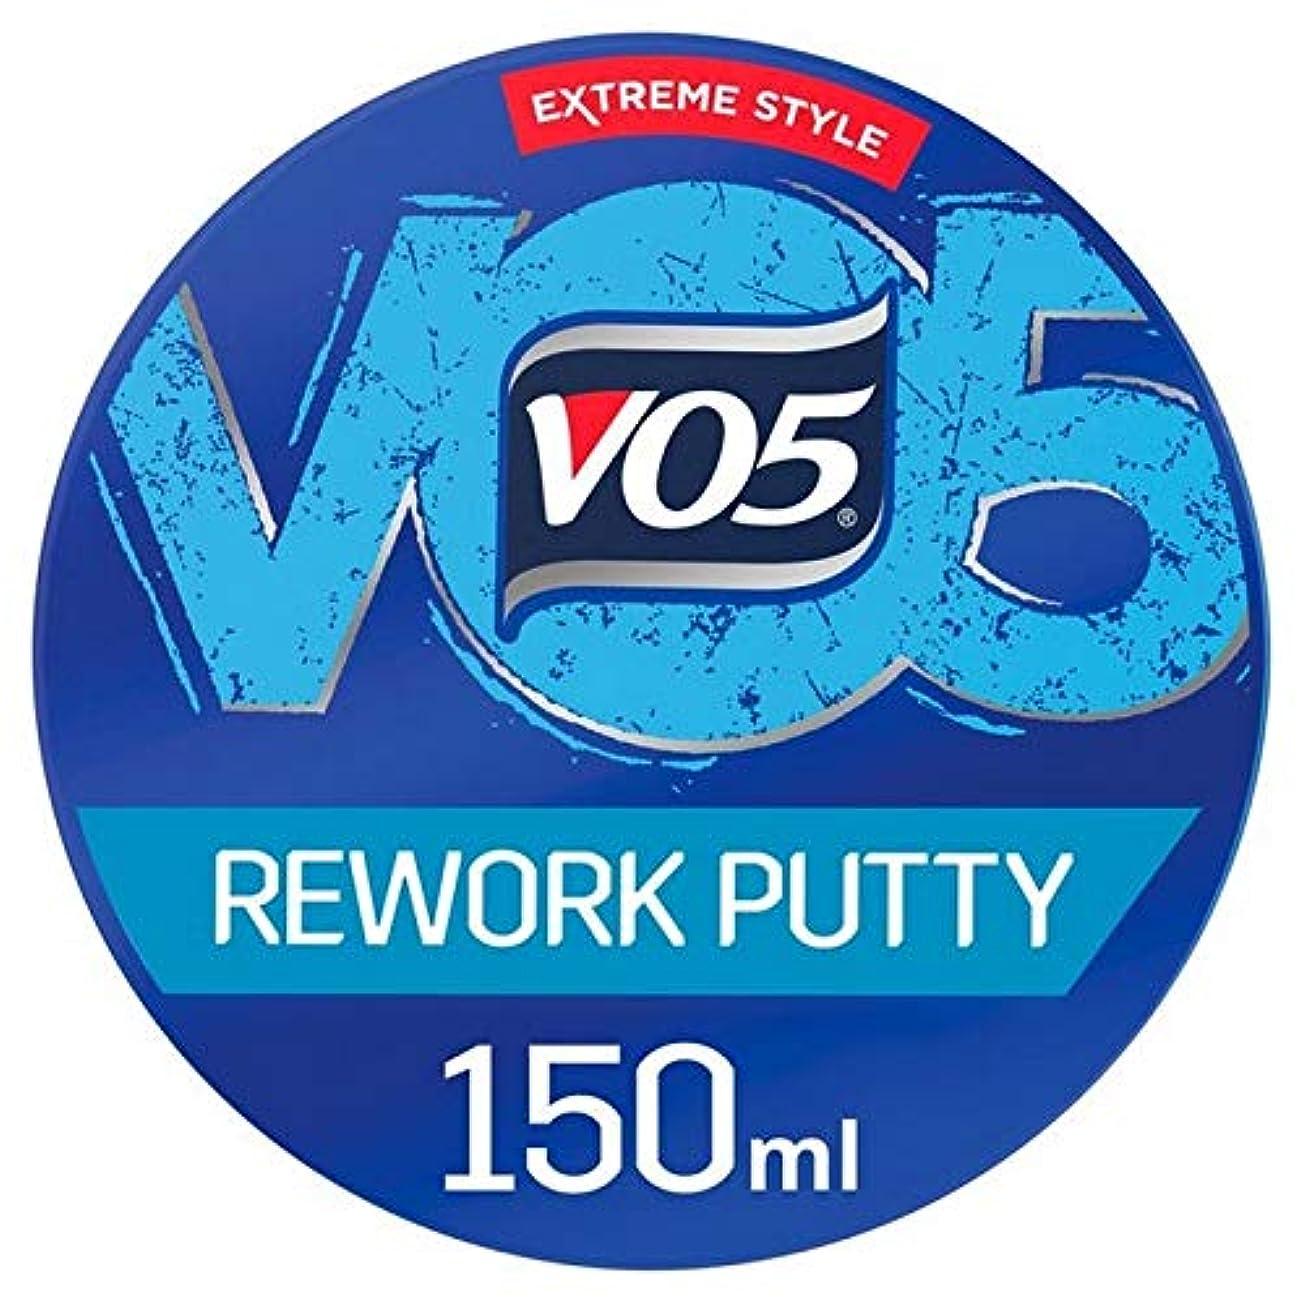 オズワルドテロできない[VO5] Vo5極端なスタイルリワークパテ150ミリリットル - VO5 Extreme Style Rework Putty 150ml [並行輸入品]